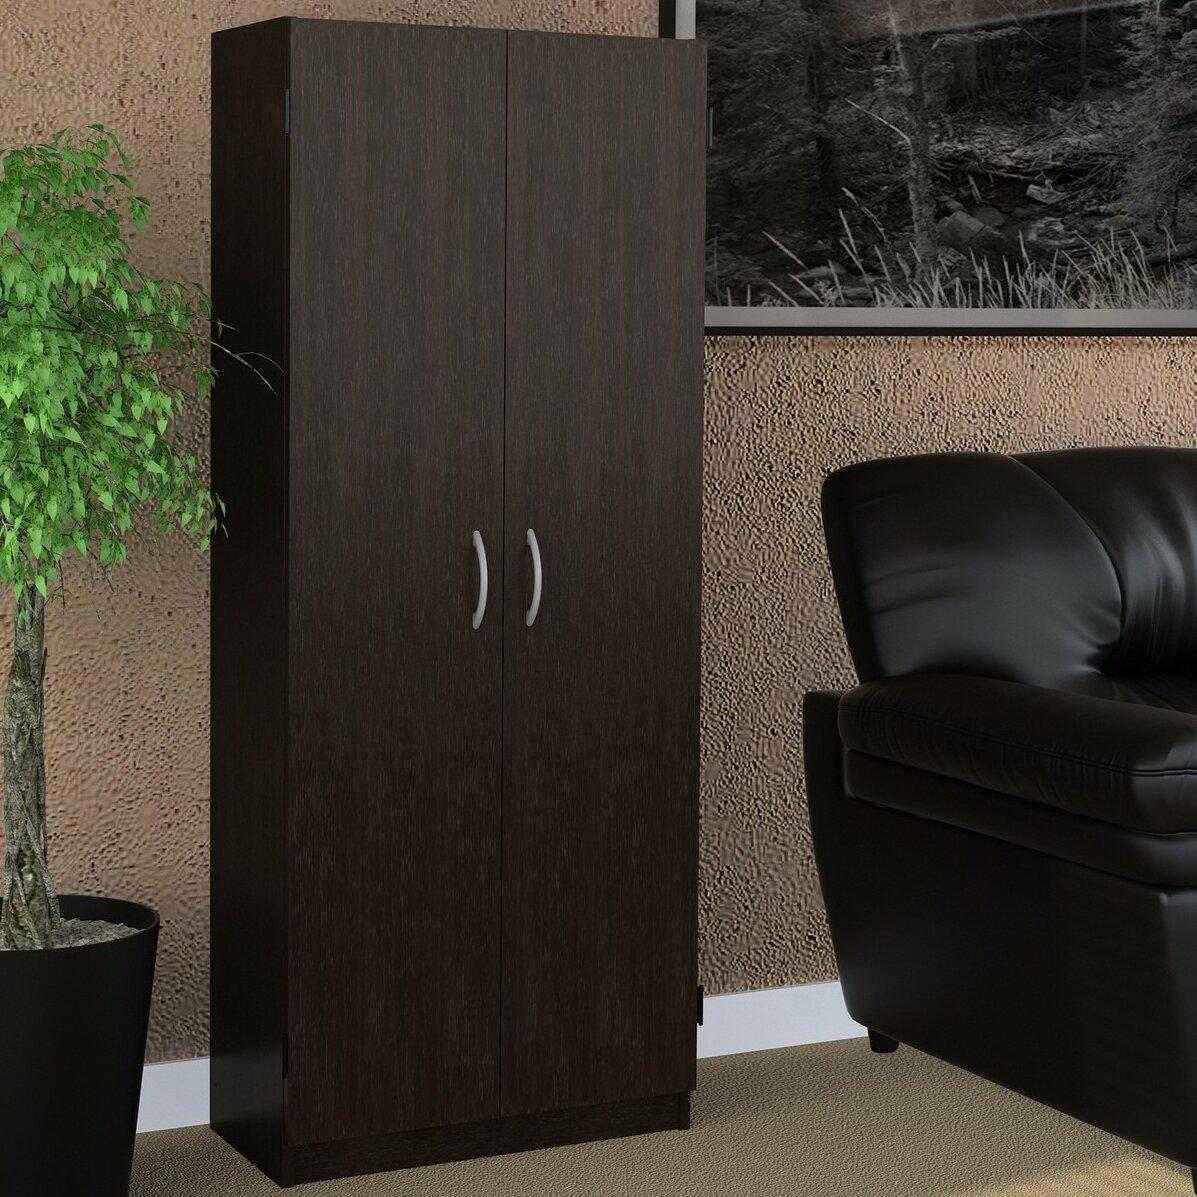 2 Door Storage Cabinet - Ameriwood 2 Door Storage Cabinet & Reviews Wayfair